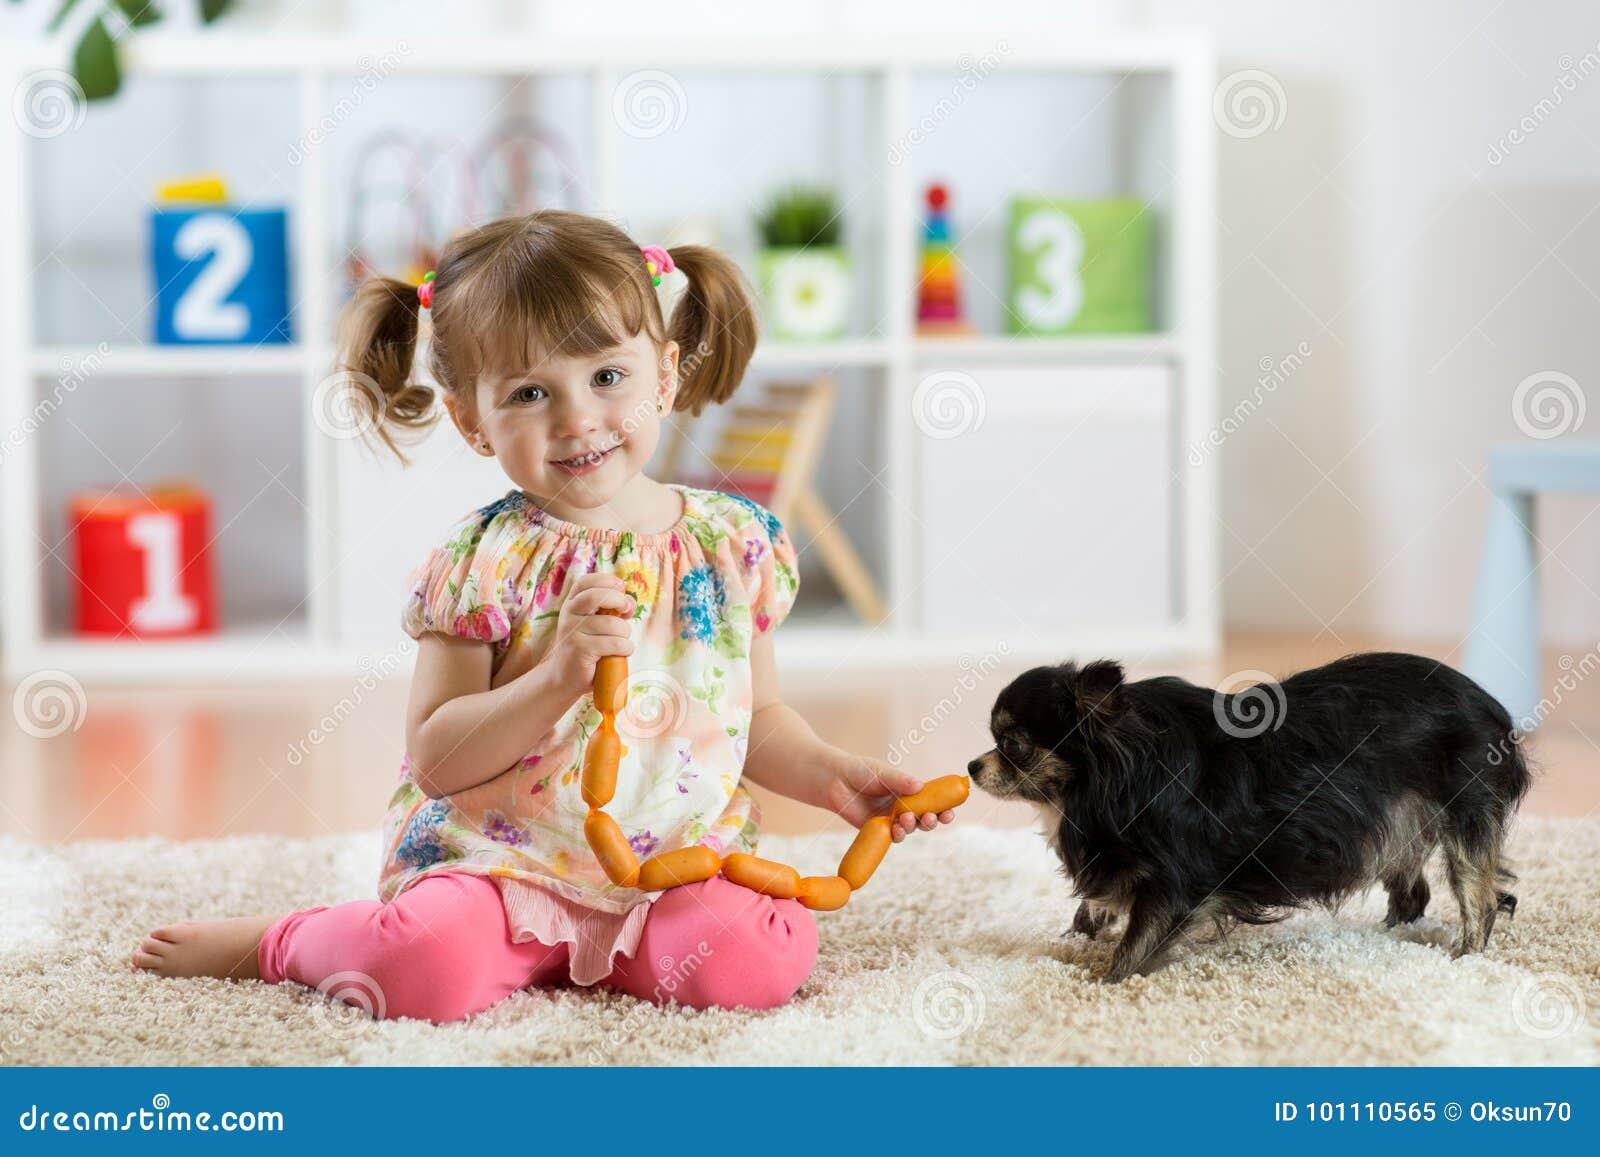 Το κορίτσι παιδιών ταΐζει το σκυλί στο πάτωμα στο δωμάτιο